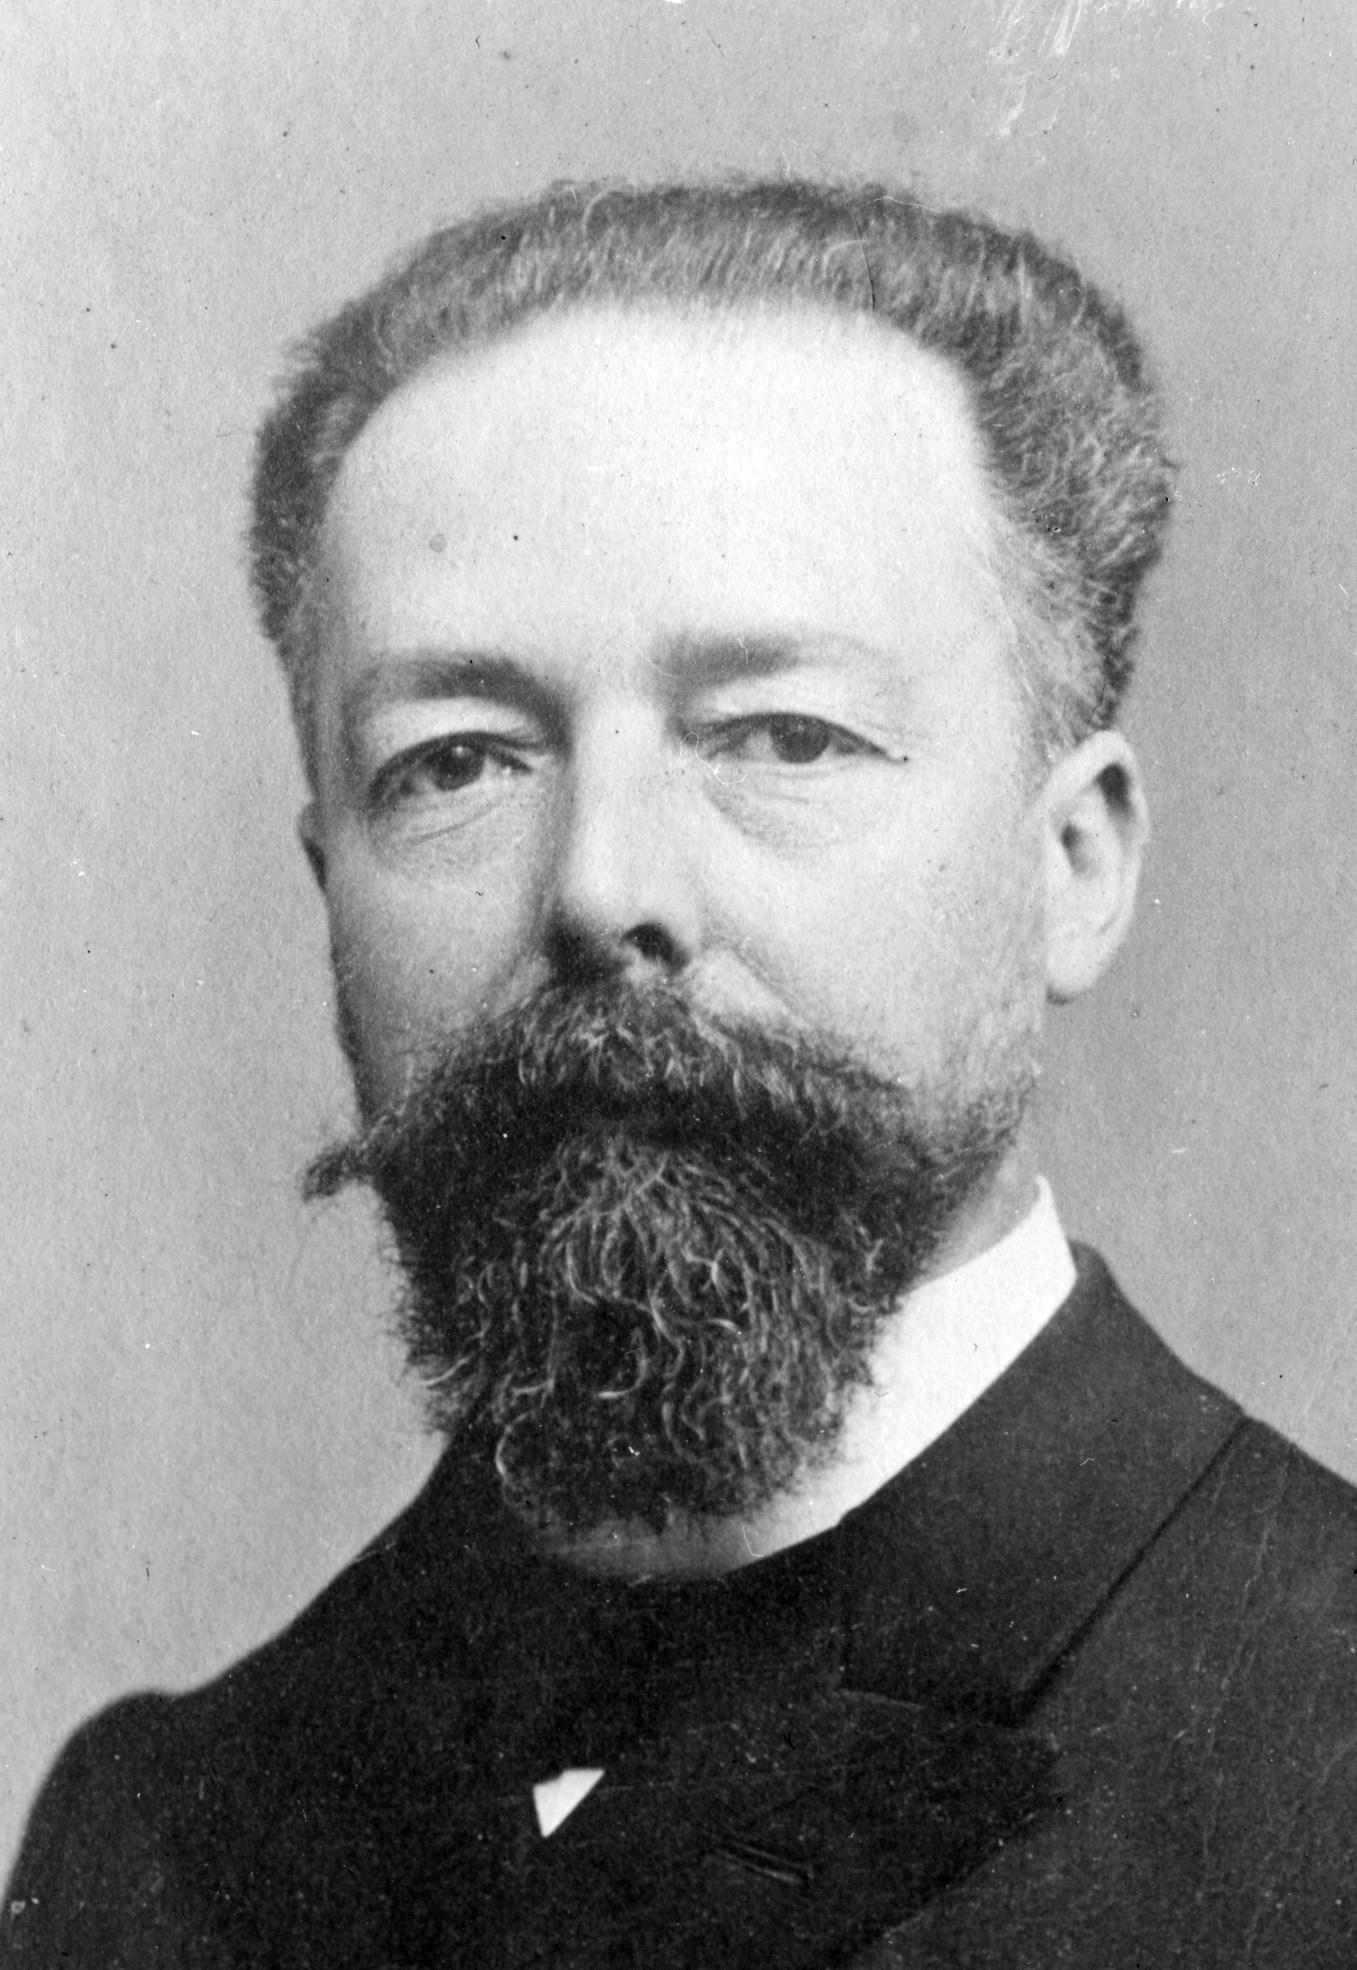 President of France Paul Doumer (1857-1932)